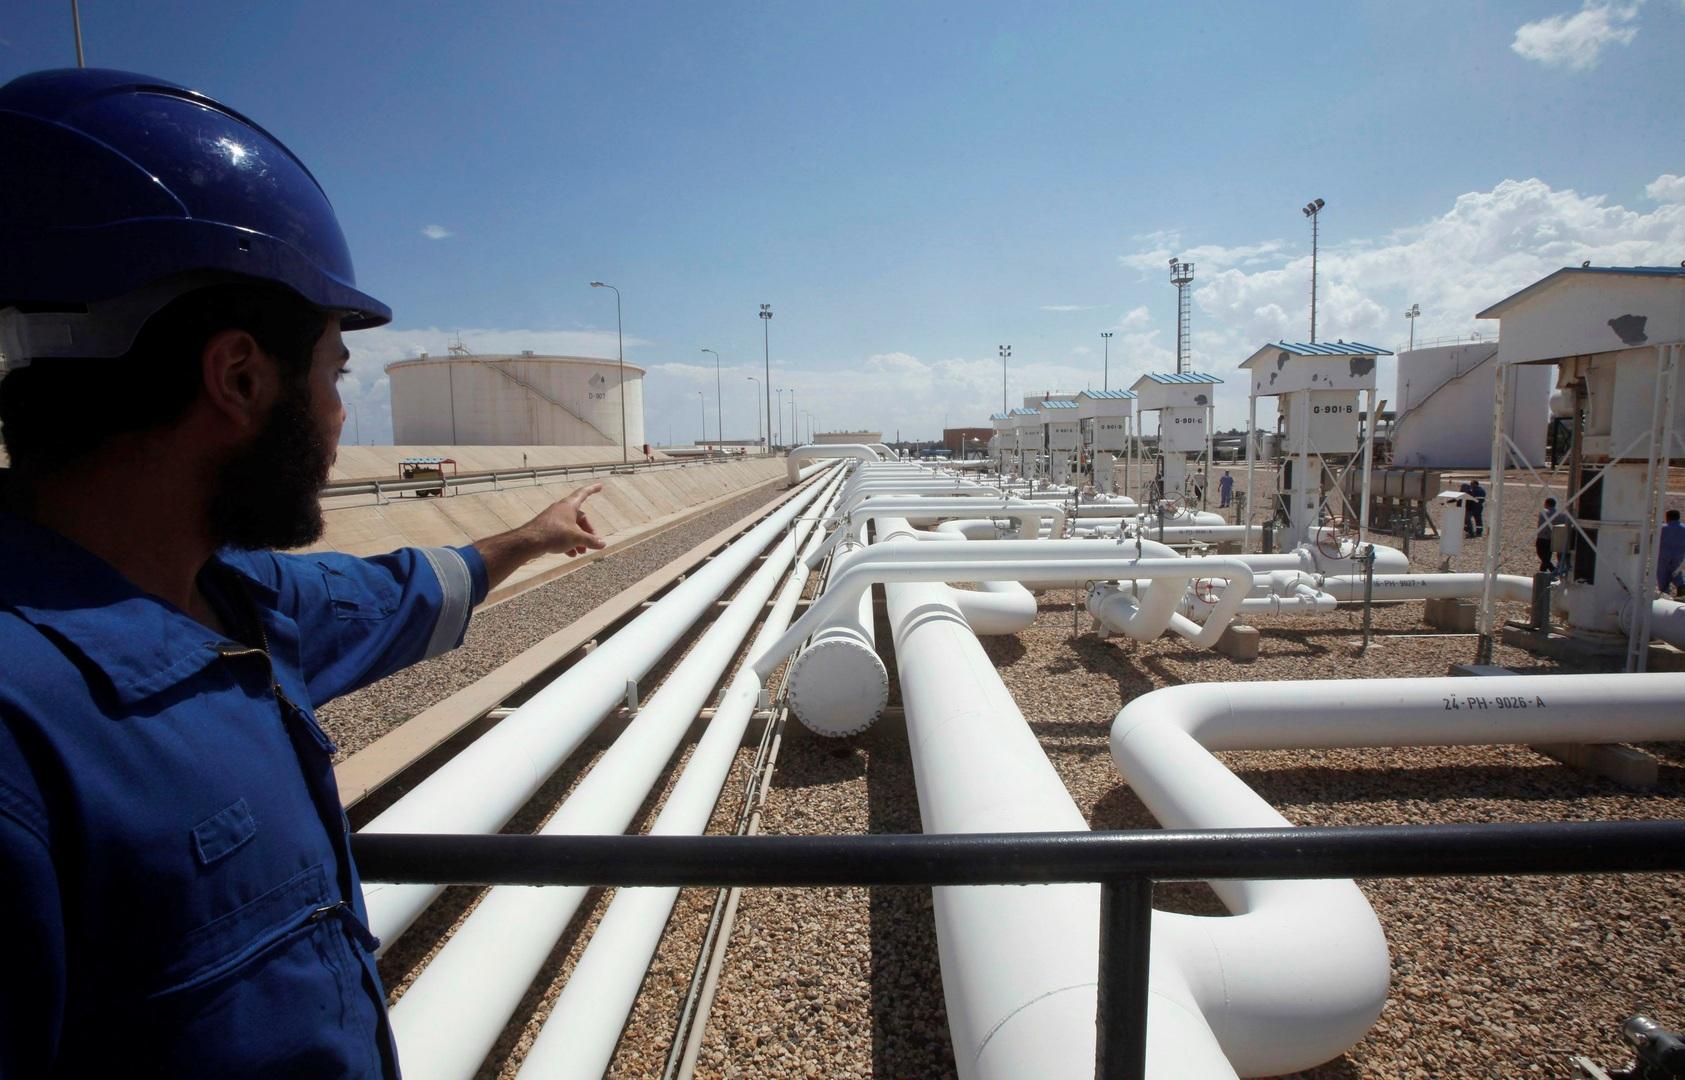 النفط يصعد بعد تعطل إنتاج ليبيا